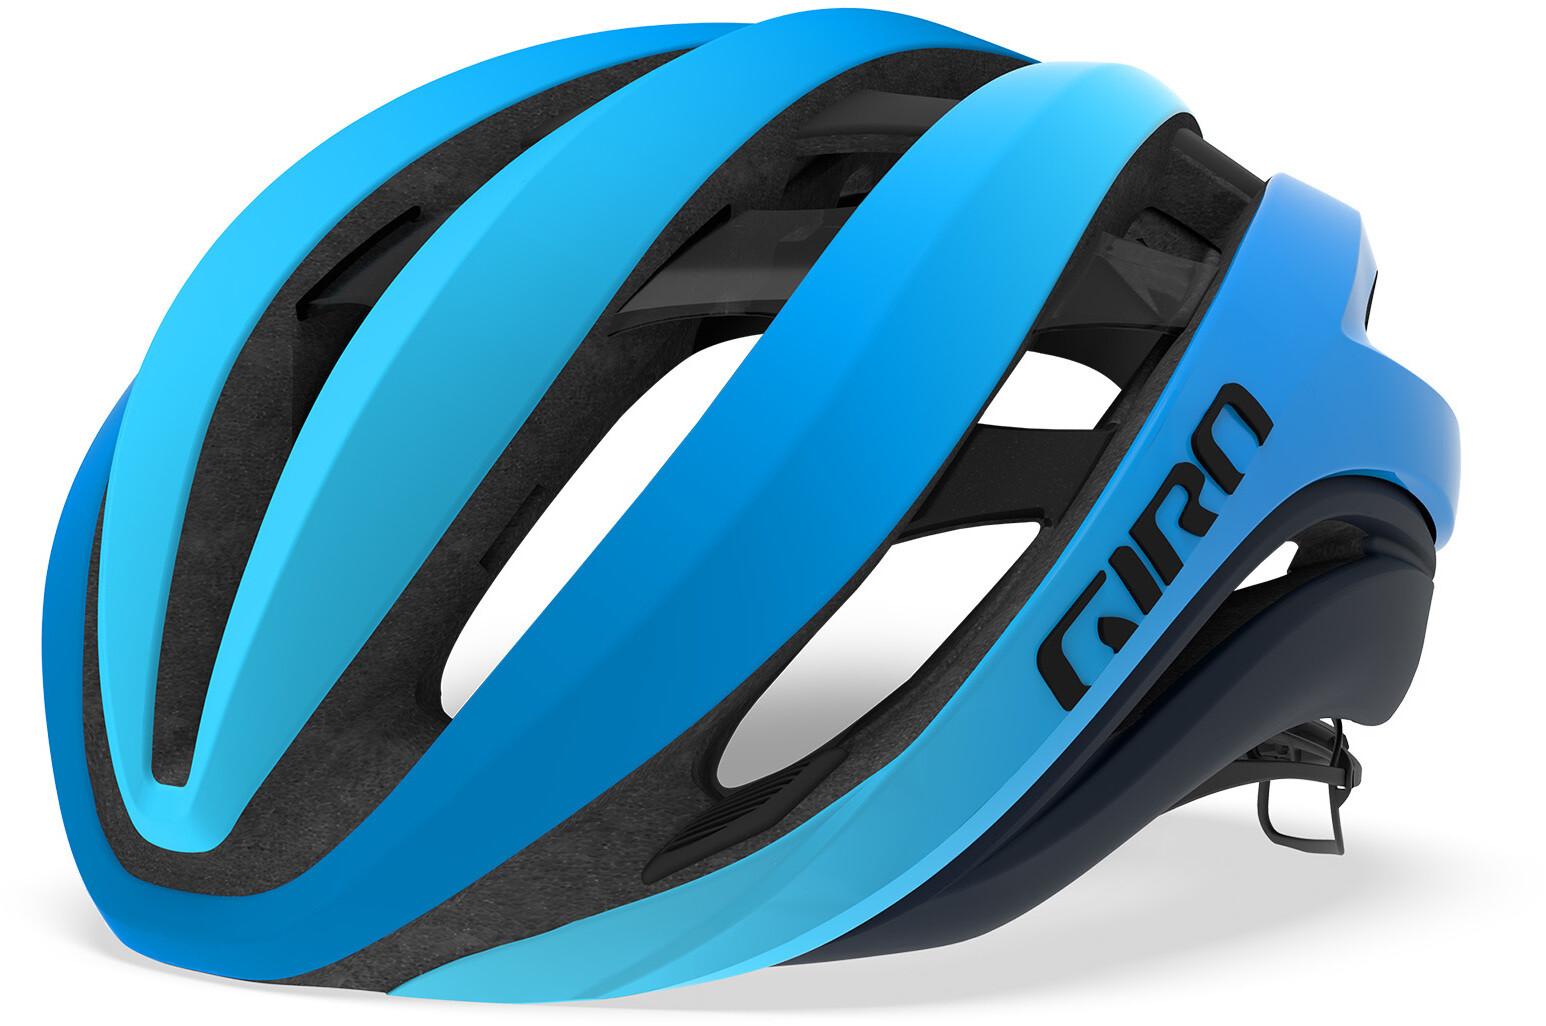 Giro Aether MIPS Cykelhjelm, mat midnight blue (2019) | Helmets